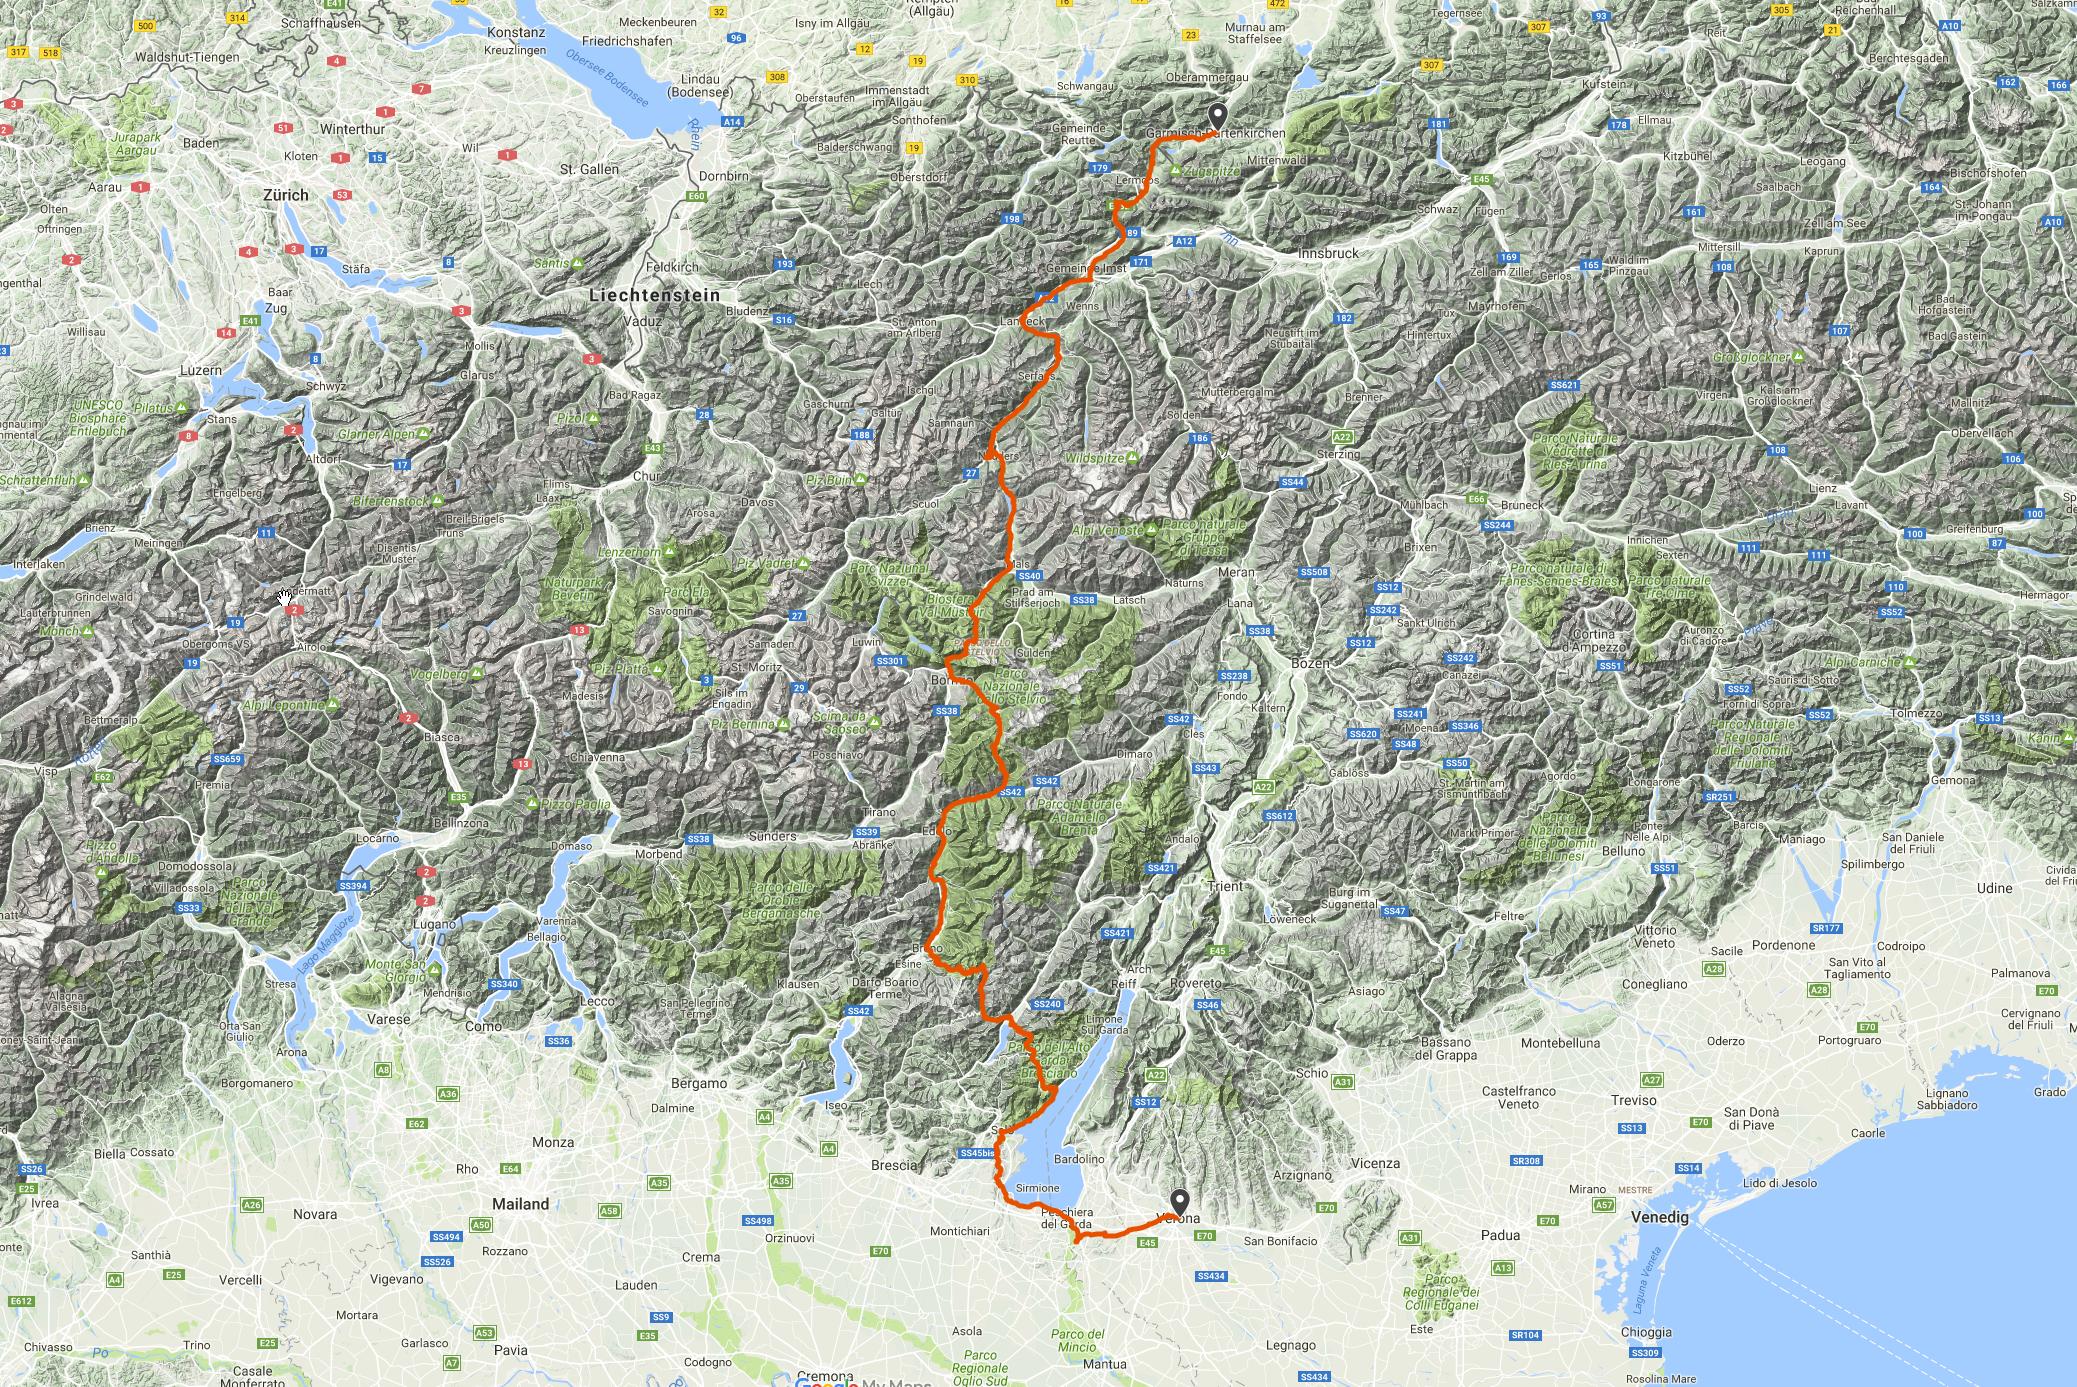 Höhenmeter Karte.6000 Höhenmeter Projekt Transalp Adventureblog Eu